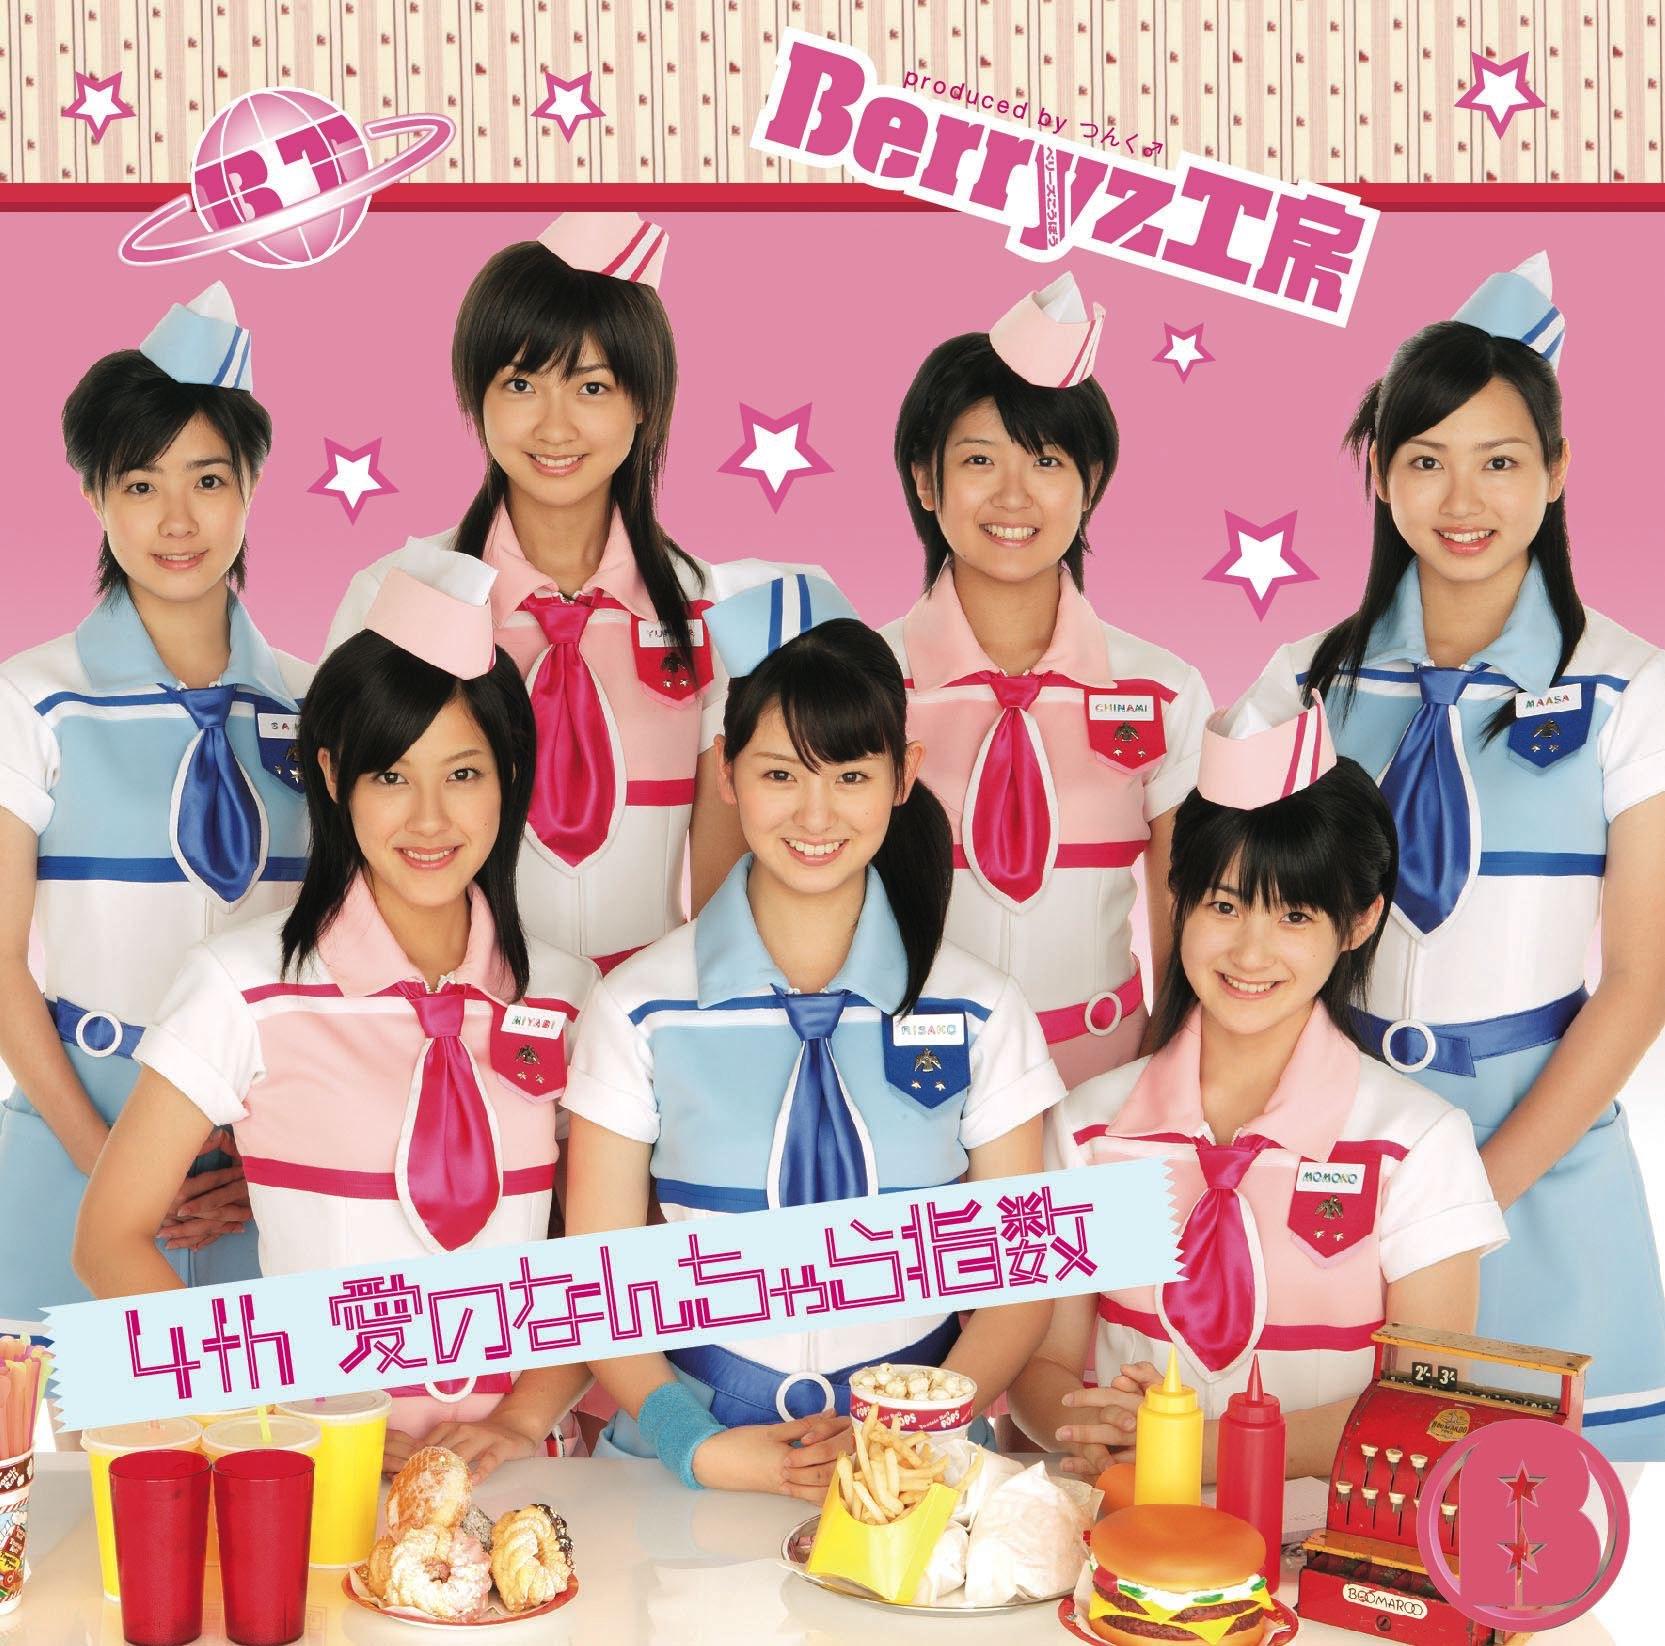 berryz koubou tomodachi wa tomodachi nanda mp3